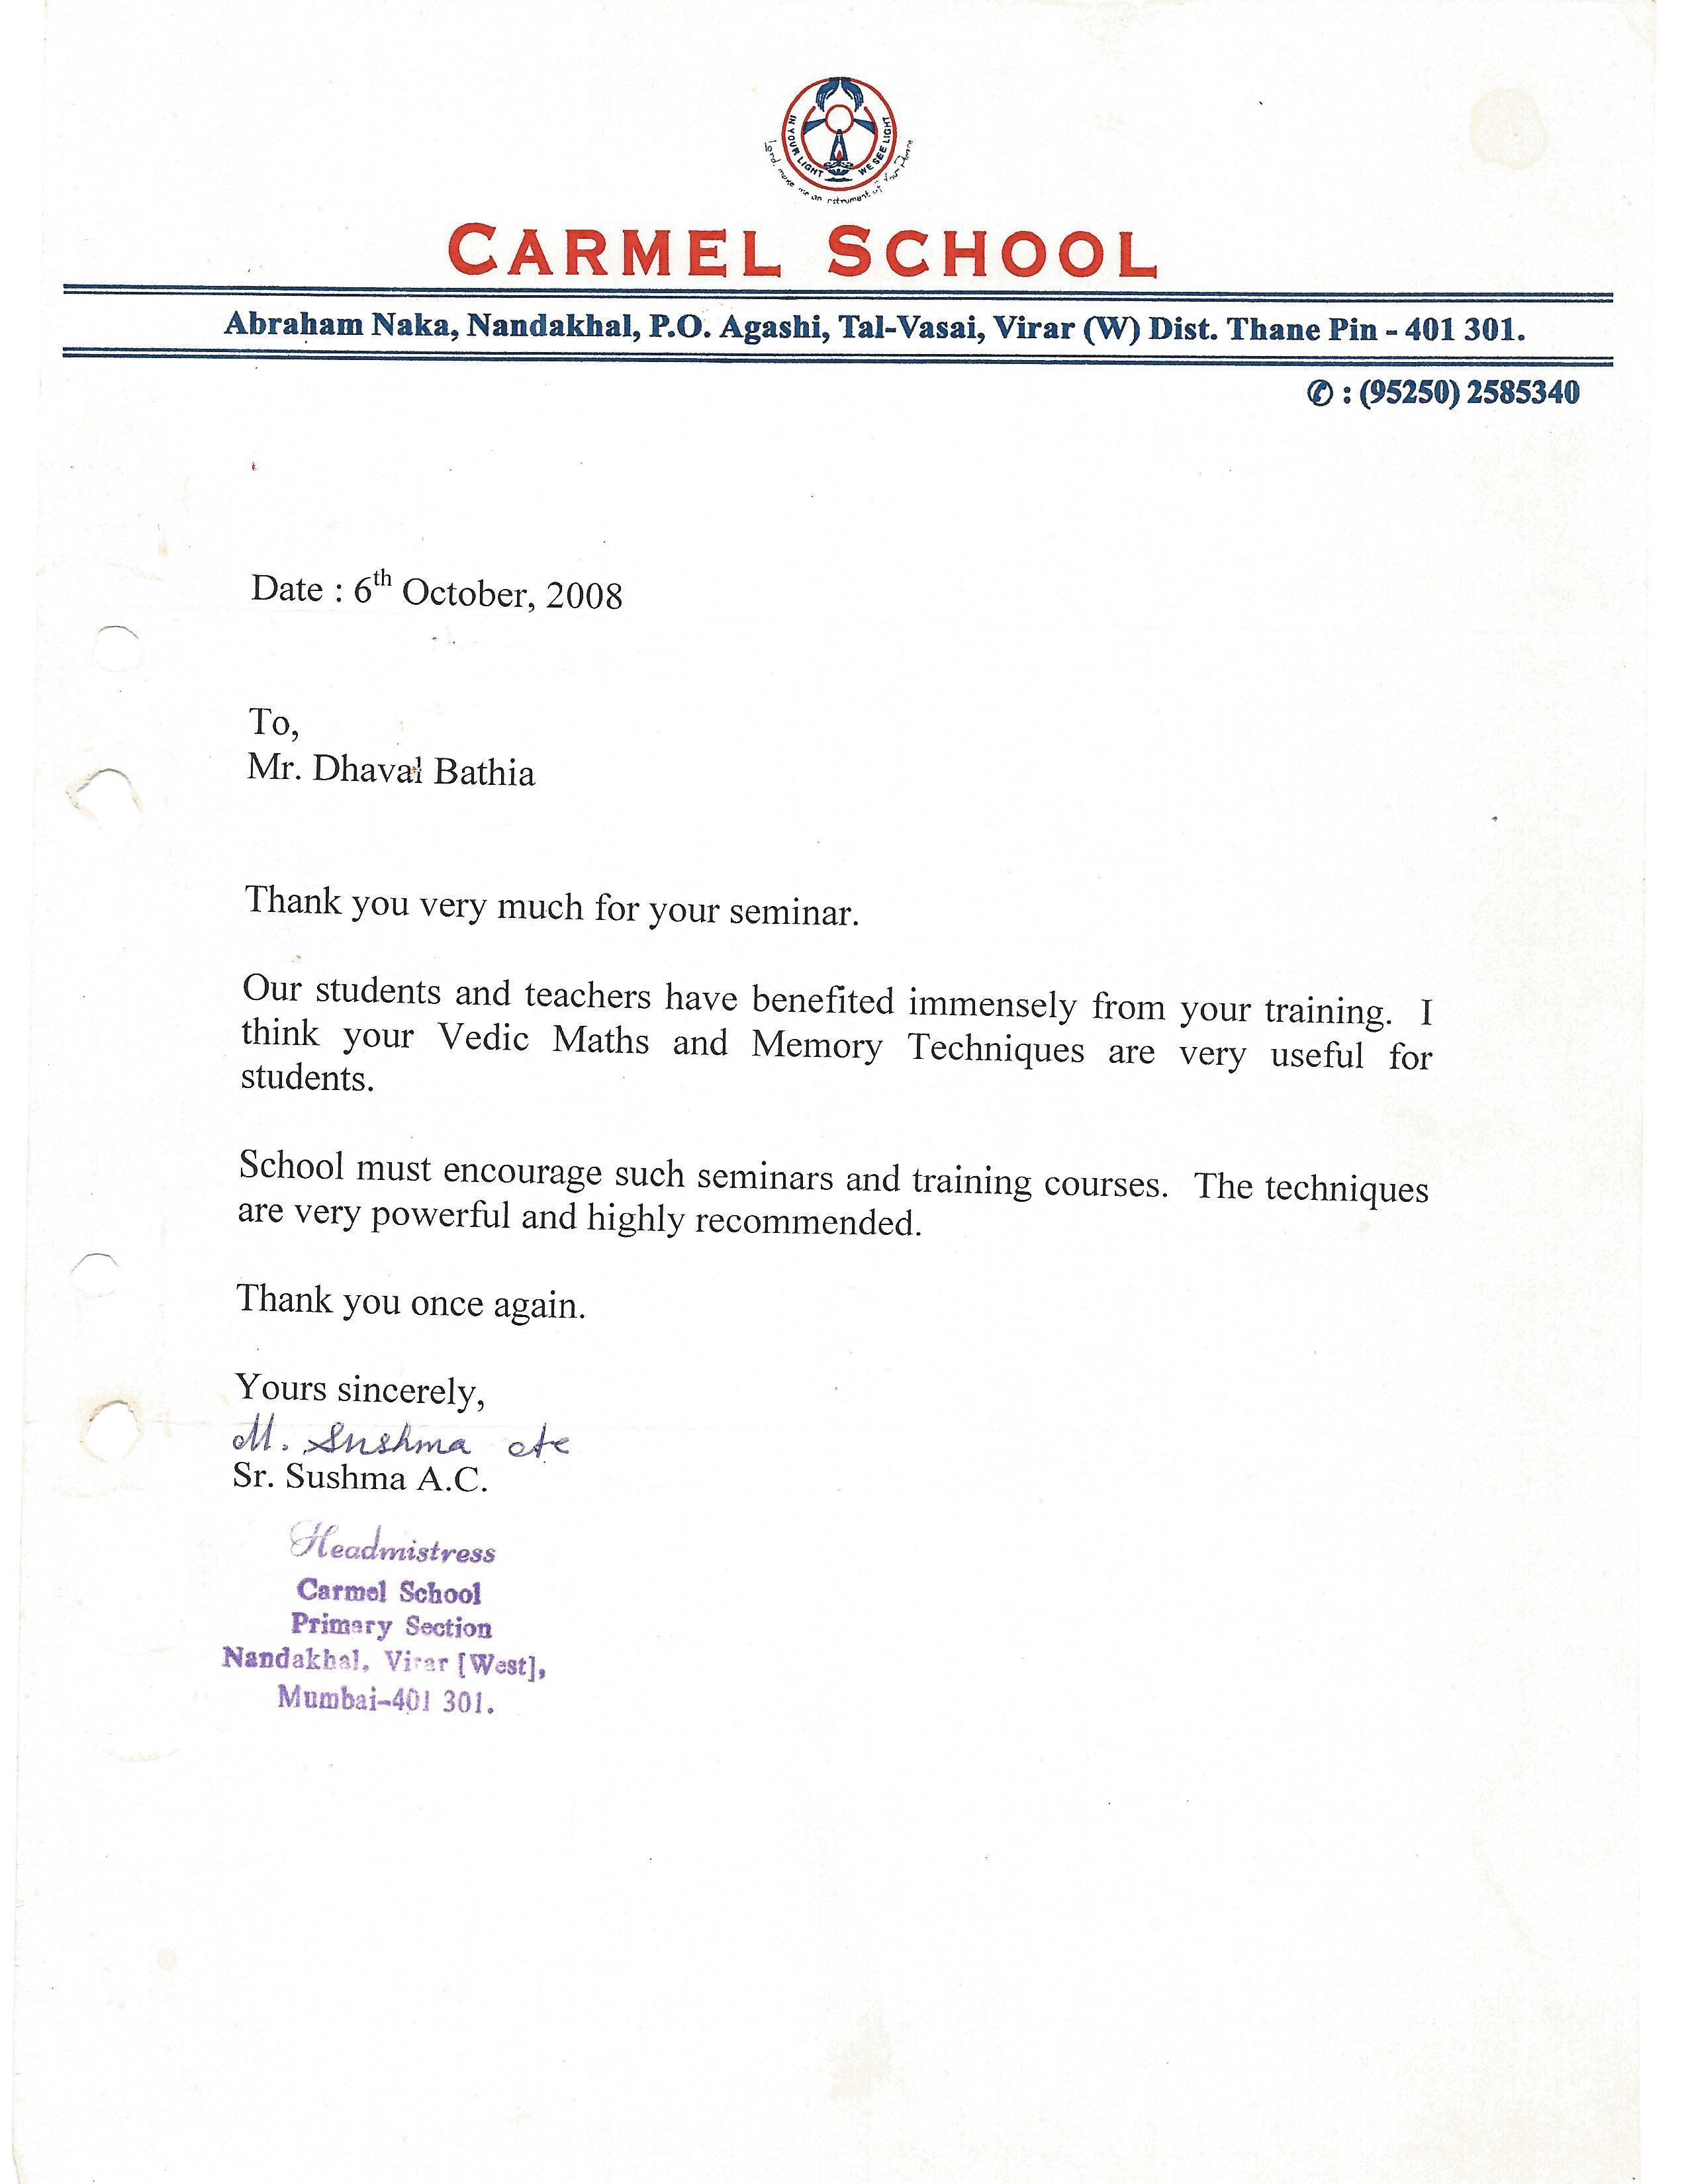 Carmel School Mumbai